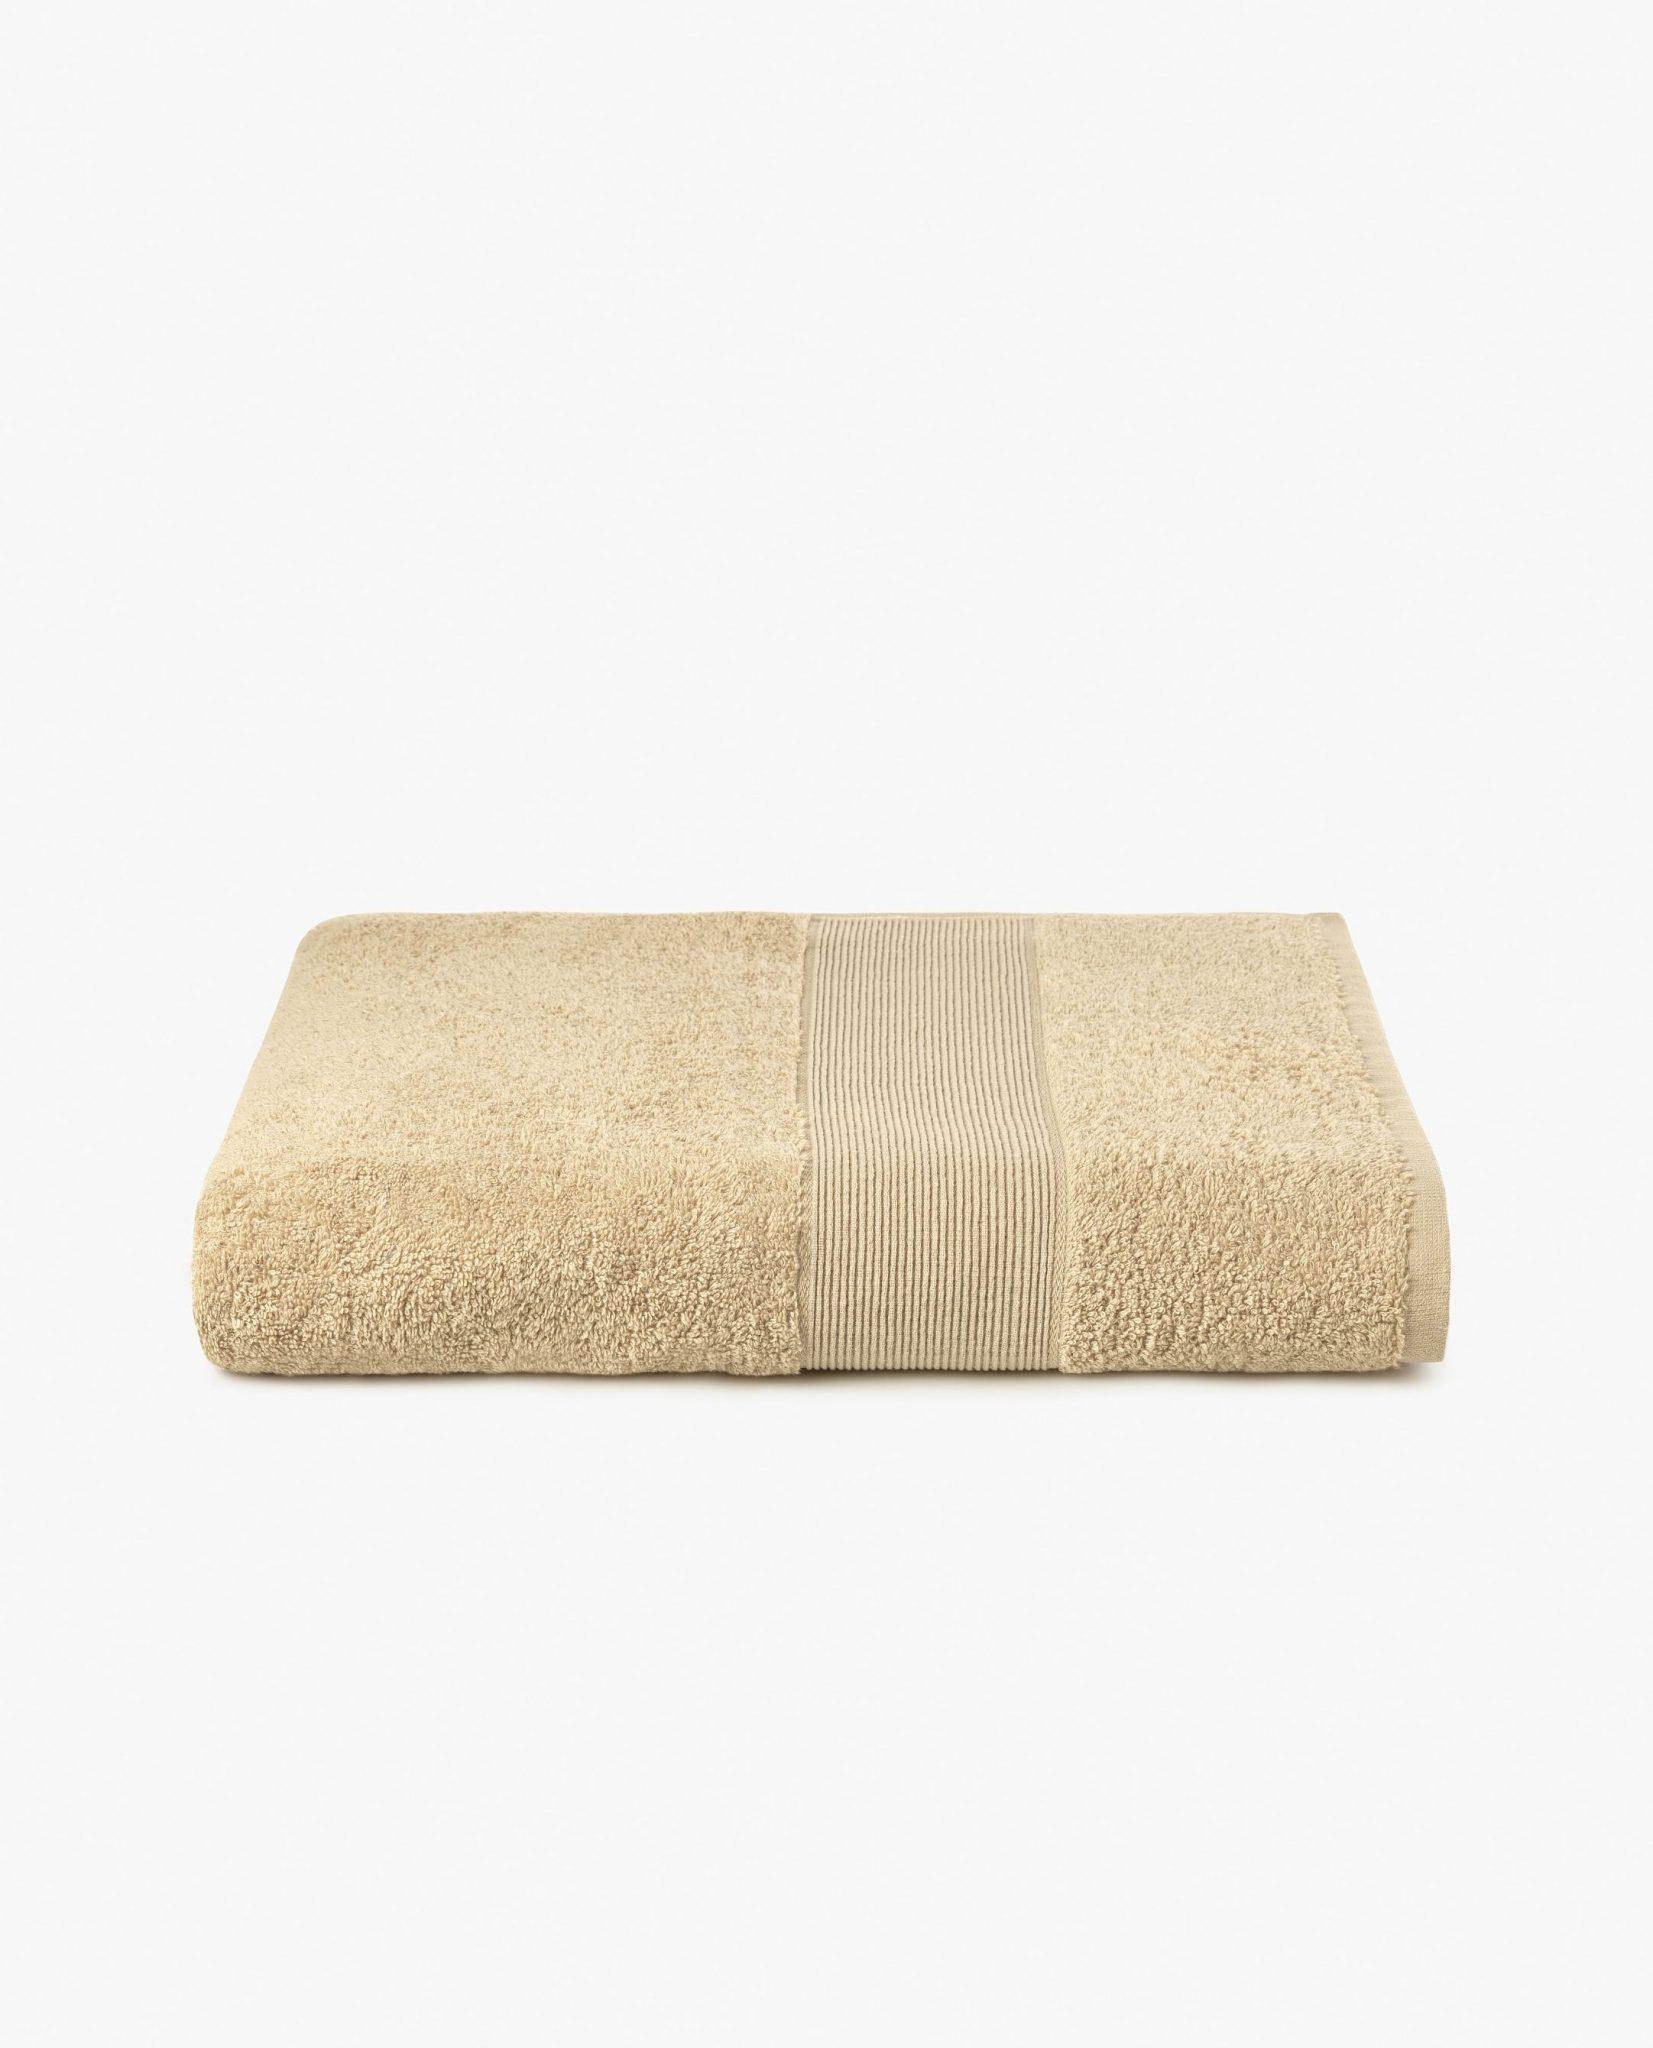 toalha de banho 100% algodão em cor camel